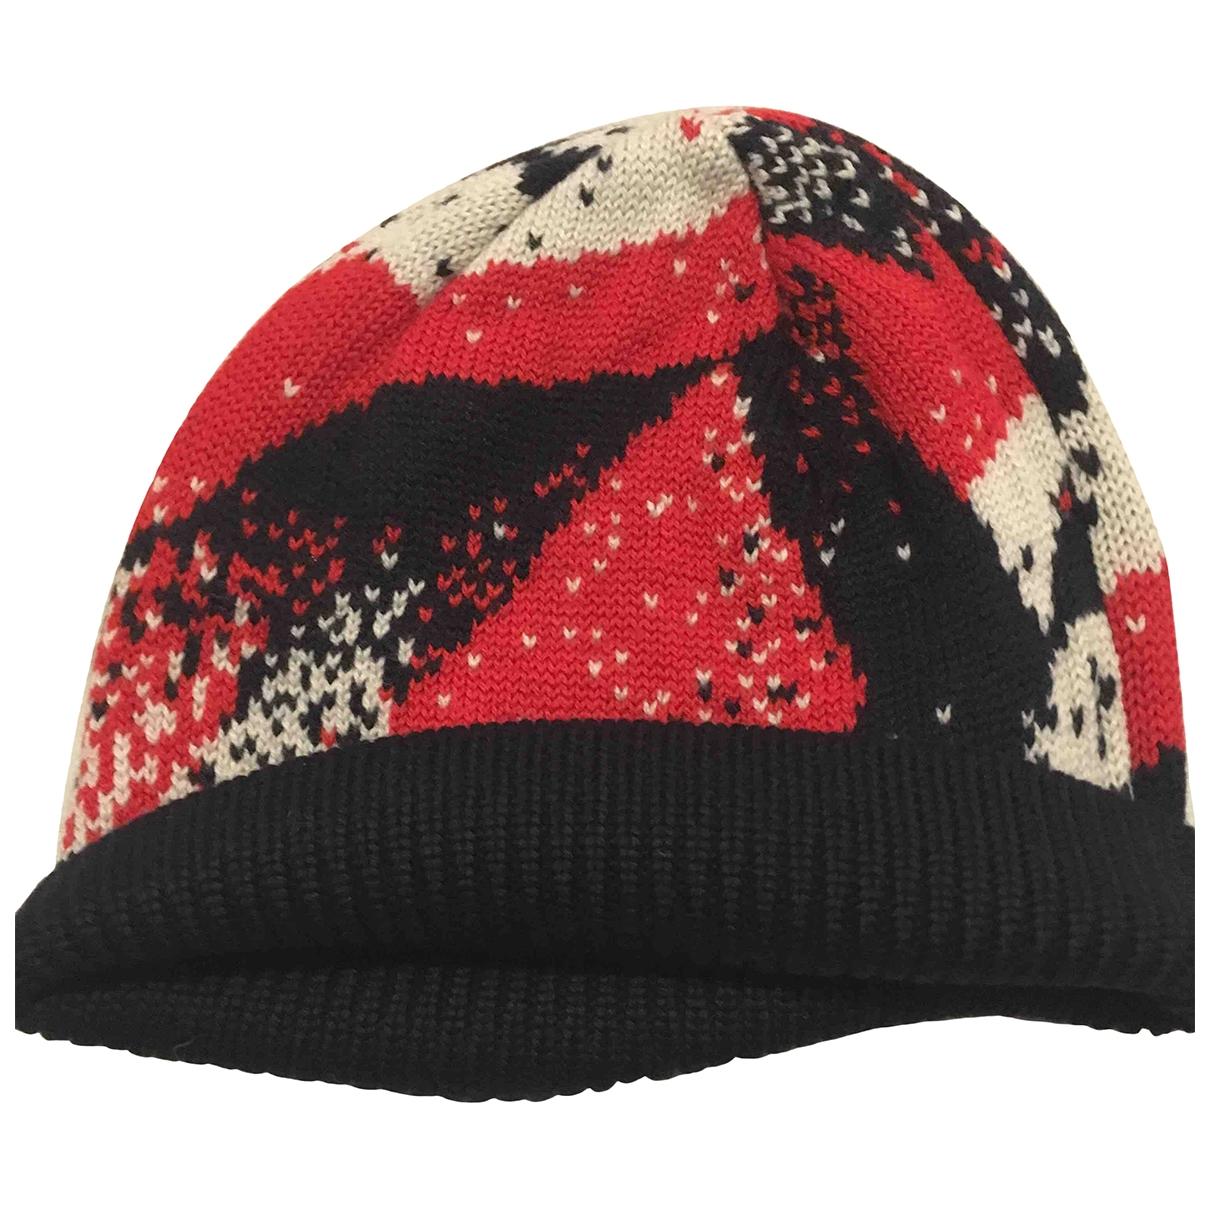 Prada \N Multicolour Wool hat & pull on hat for Men S International